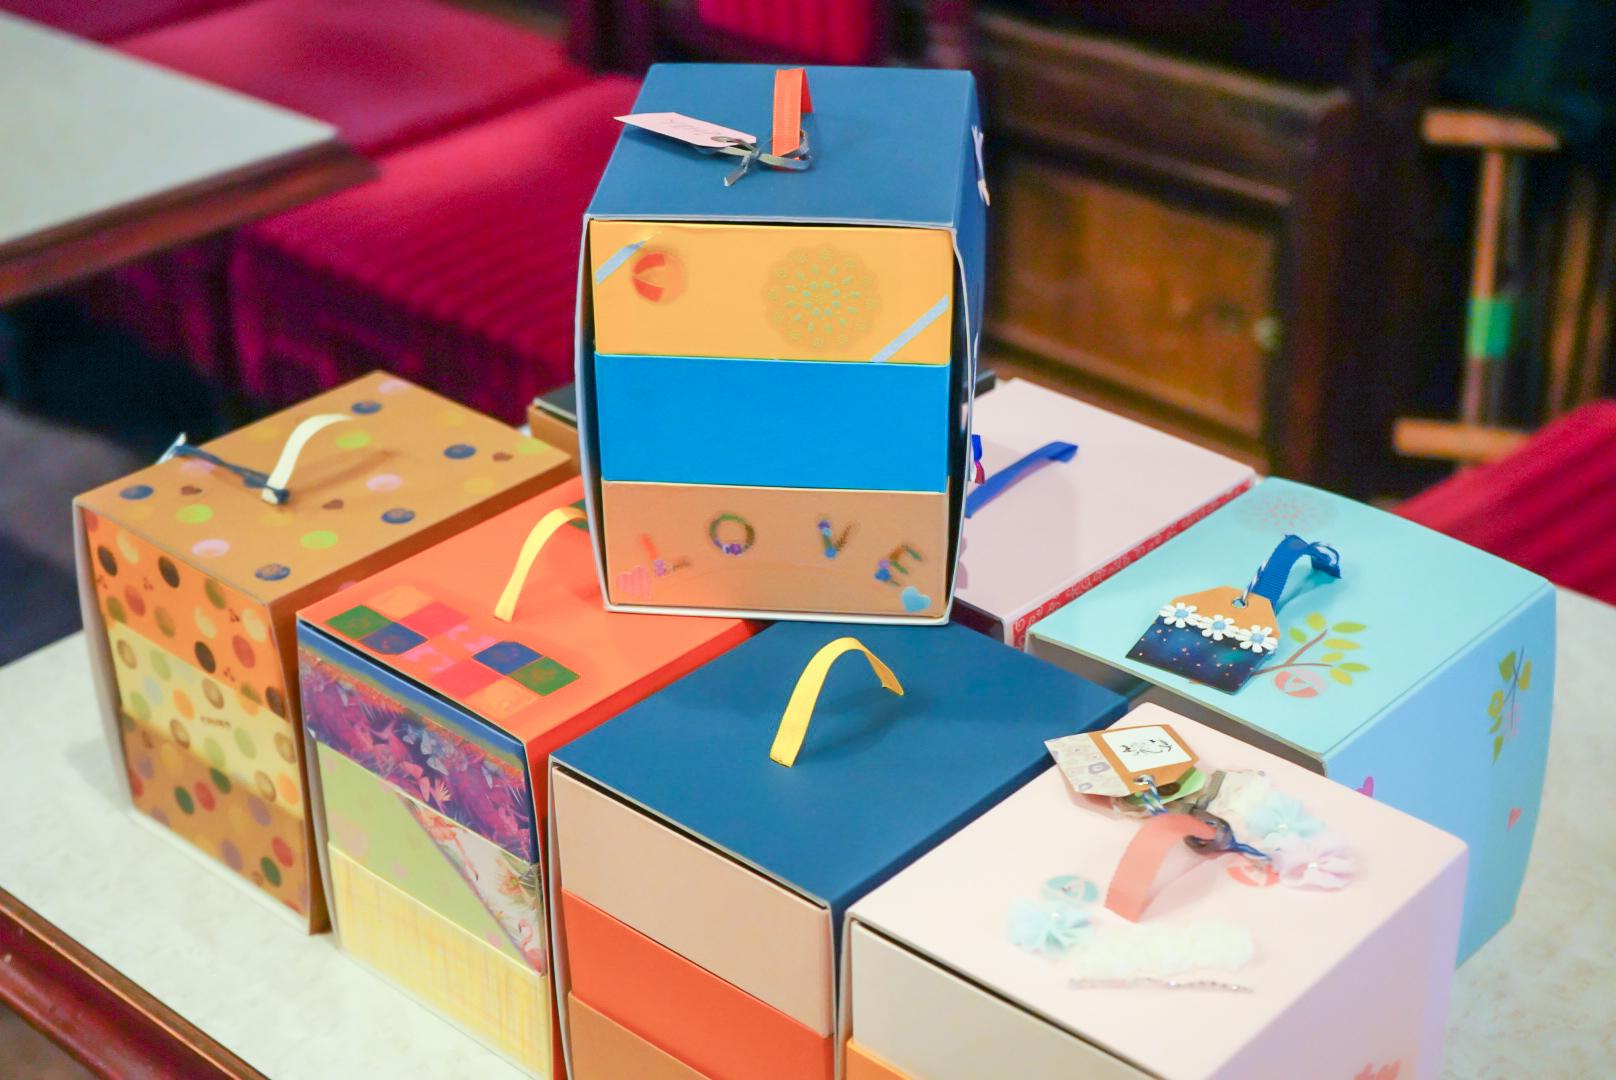 紙遊山箱づくり体験